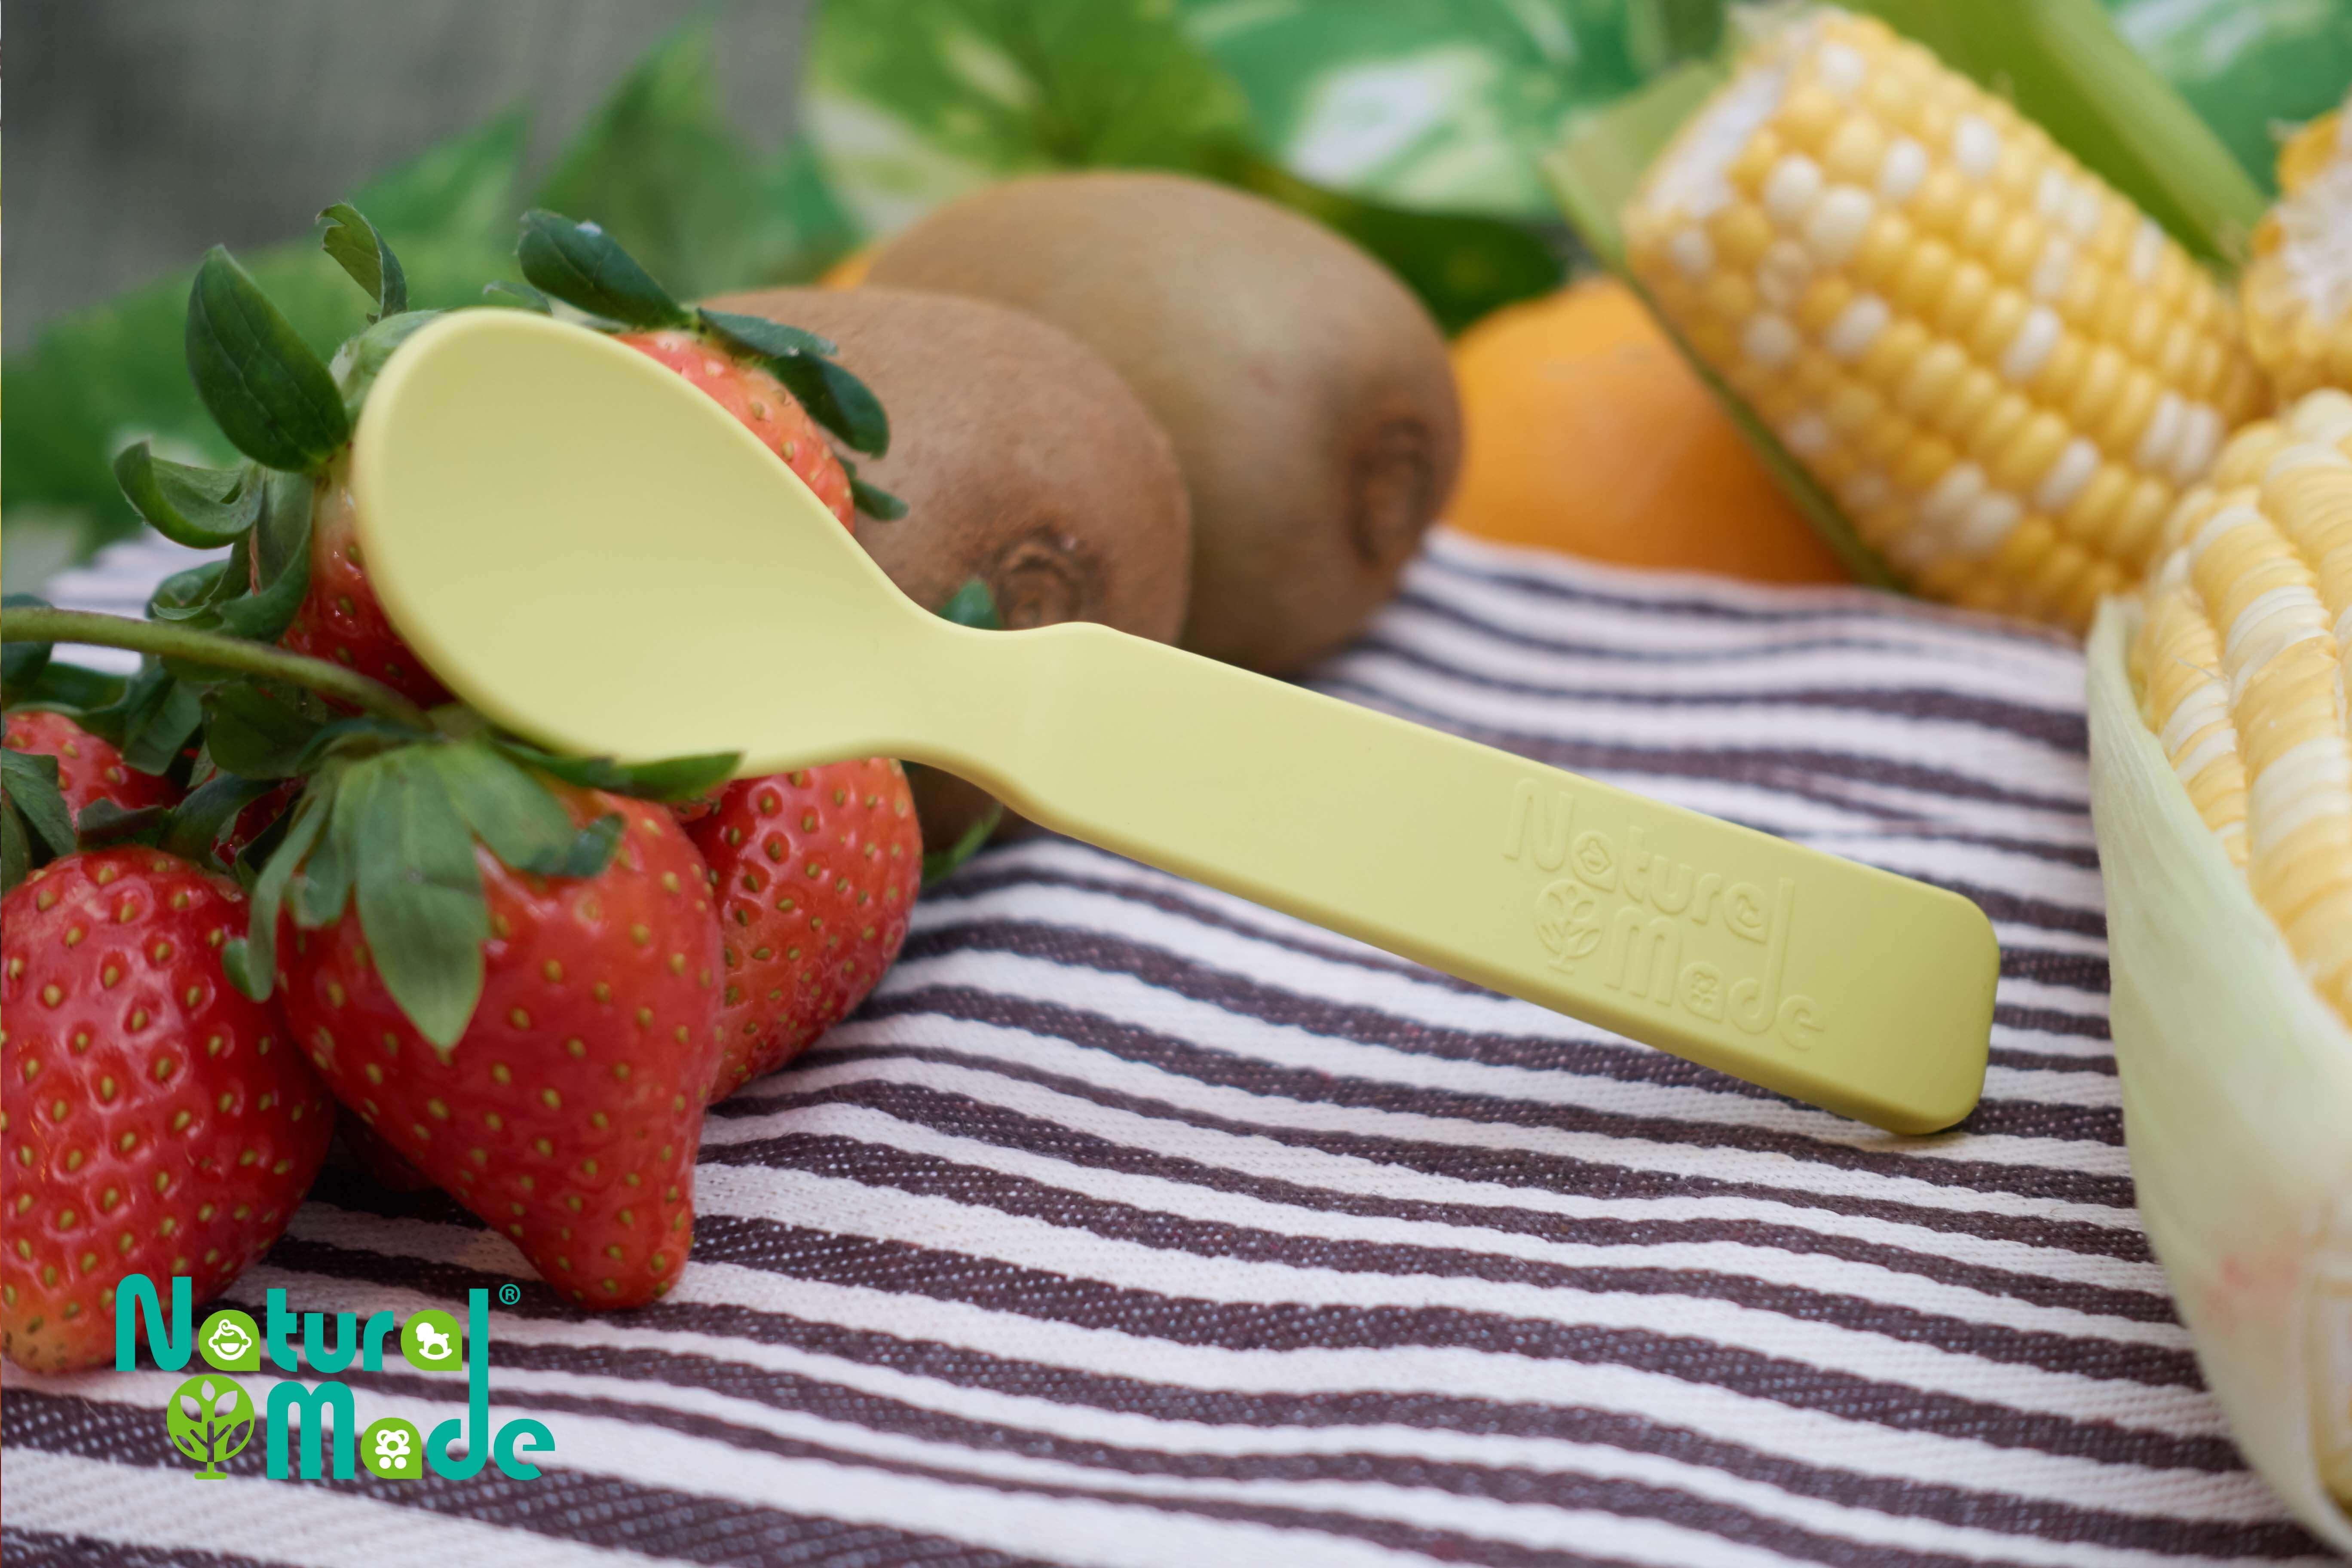 Hong Kong Natural Made Baby Spoon